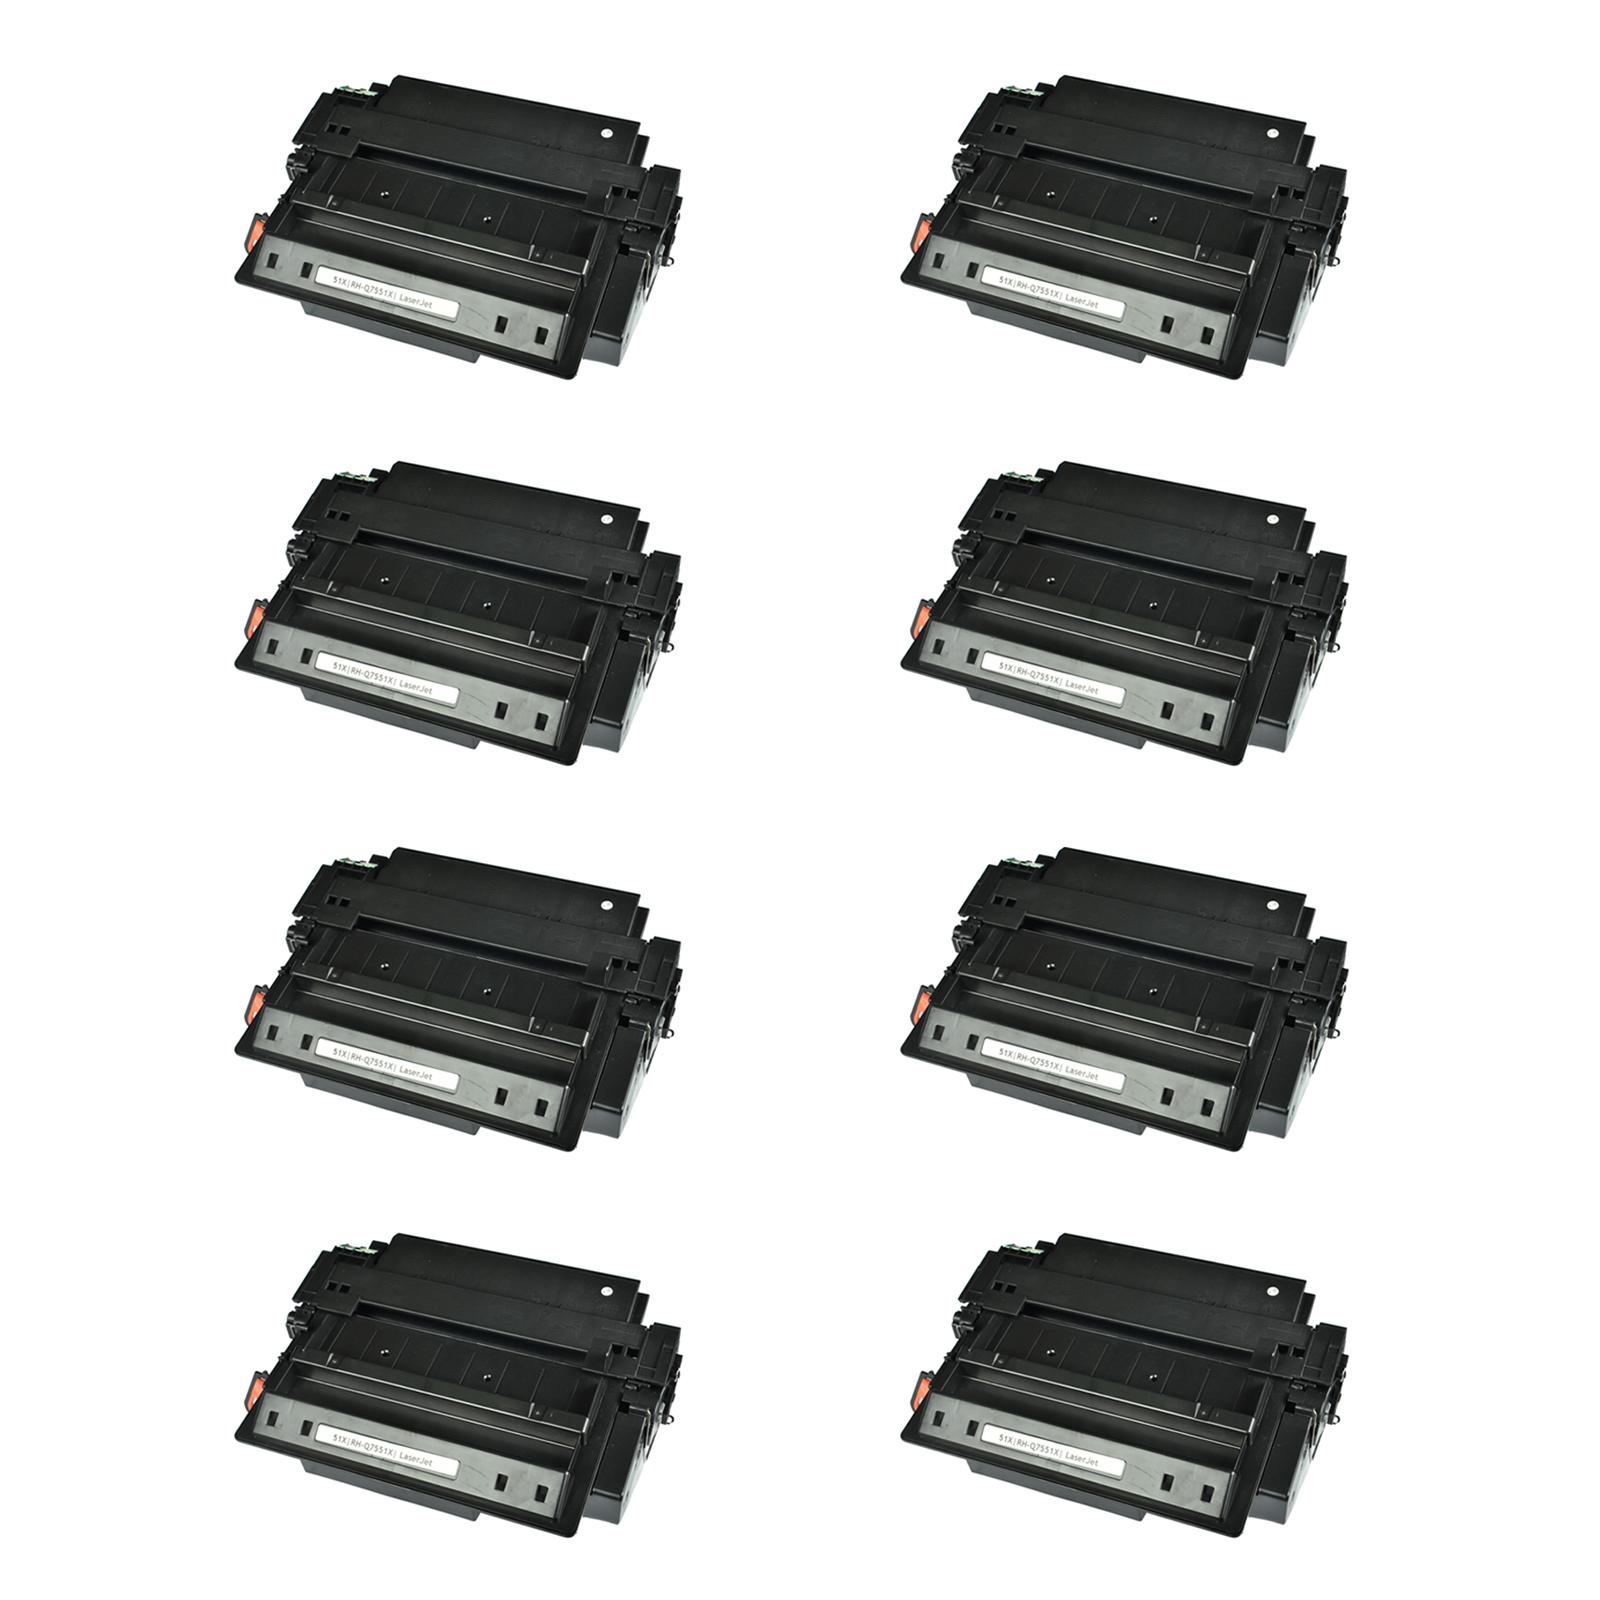 8PK Q7551X 51X Black Toner Cartridge For HP LaserJet P3005dn P3005n M3027 M3035